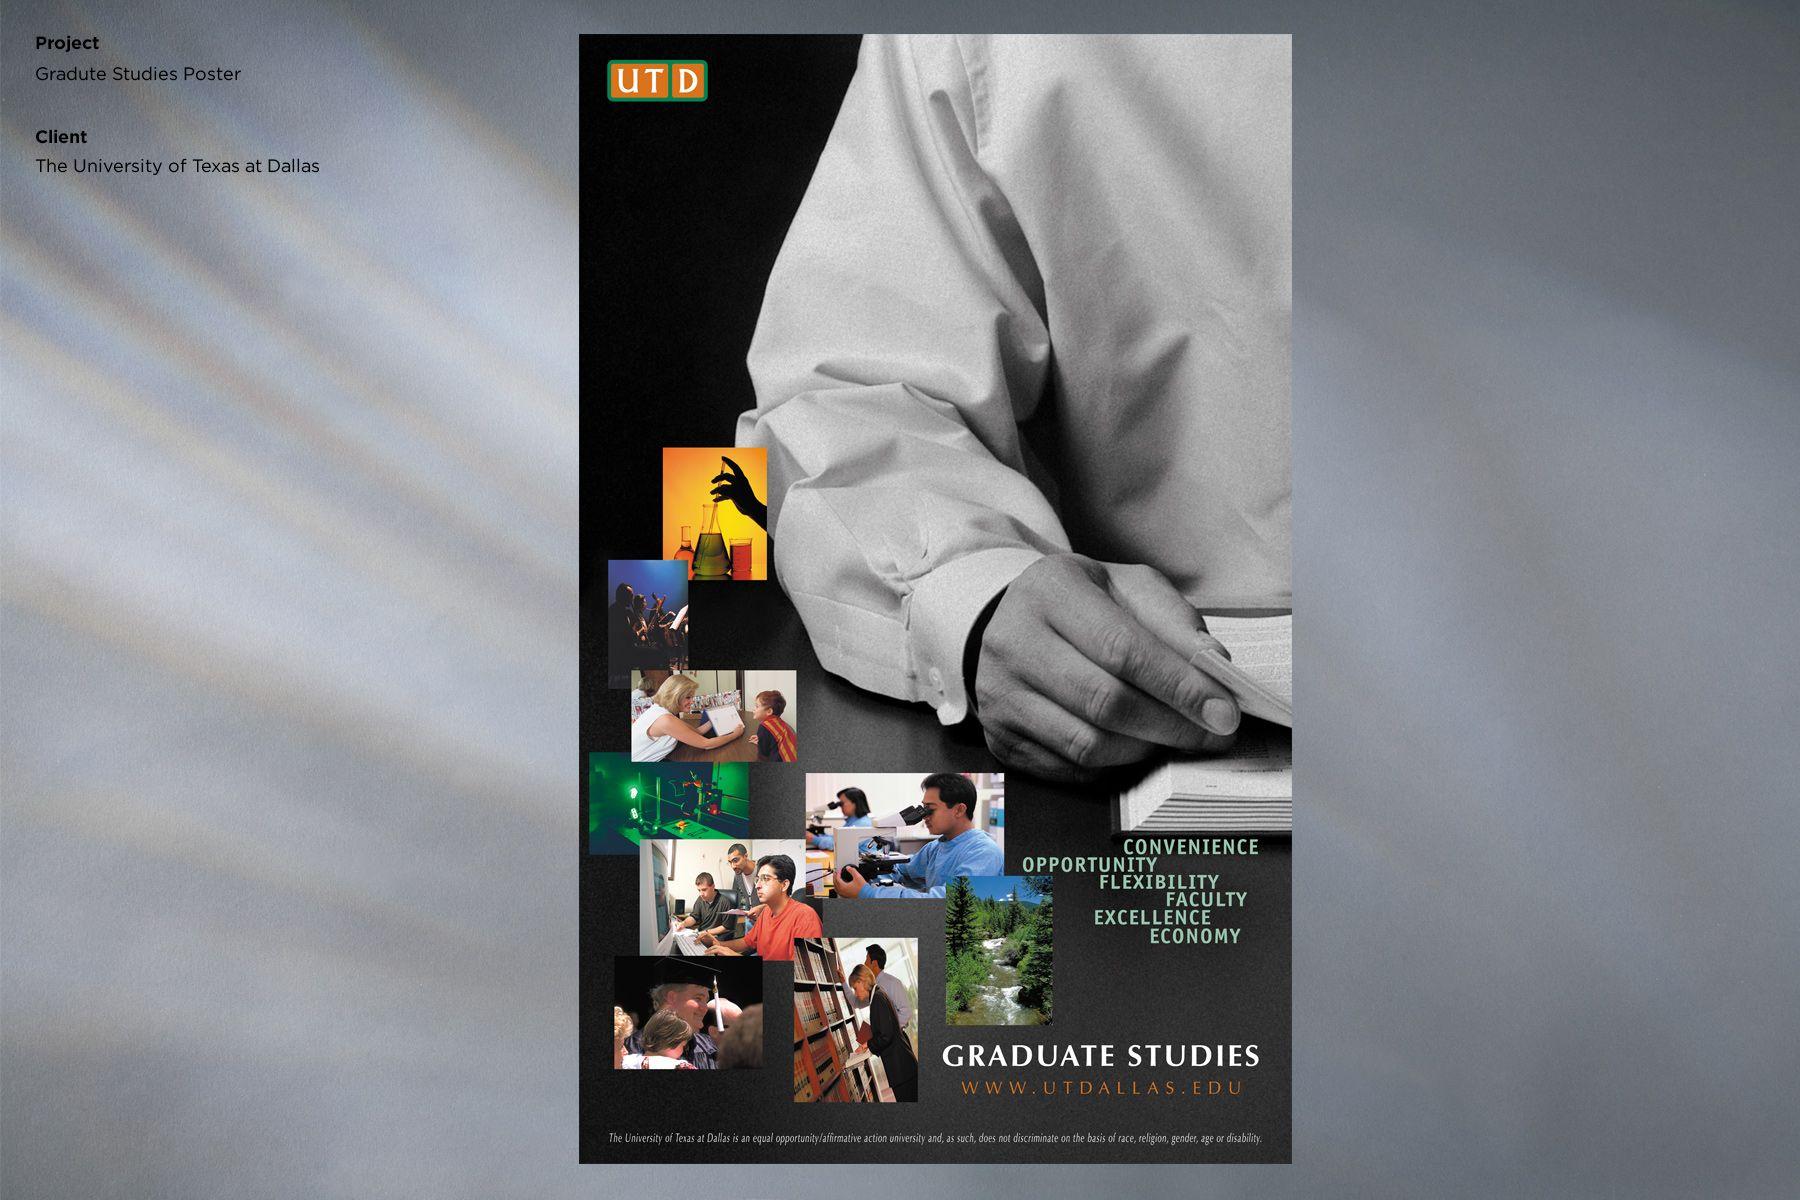 UTD-Poster.jpg